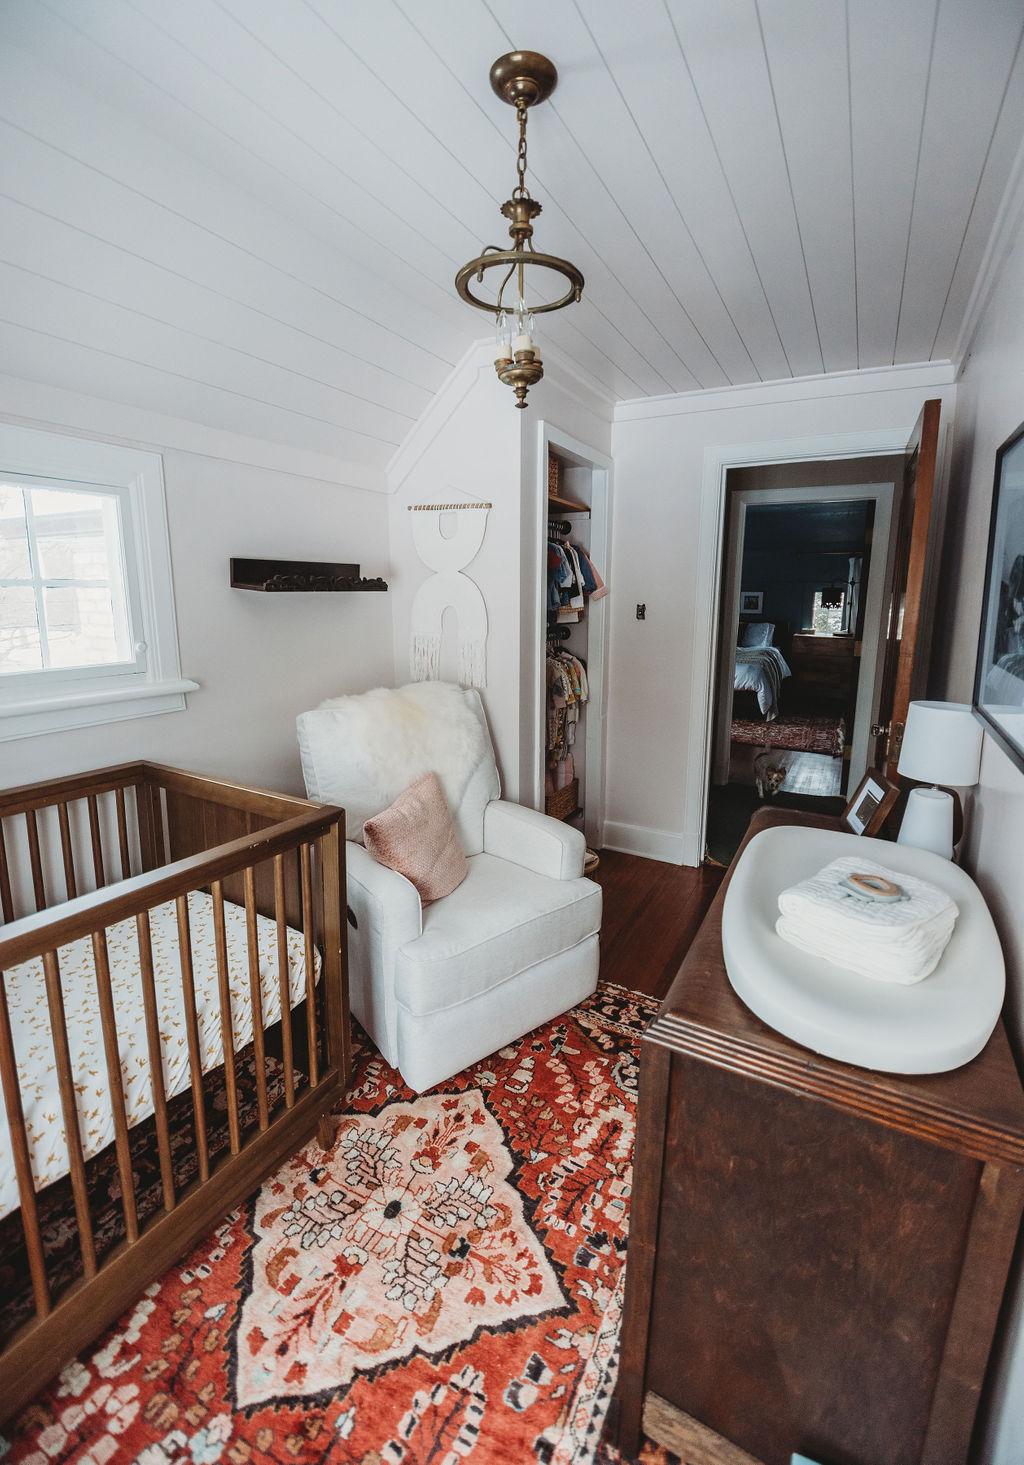 Baby Schroeder's Feminine and Sophisticated Nursery Reveal | Miranda Schroeder Blog  www.mirandaschroeder.com